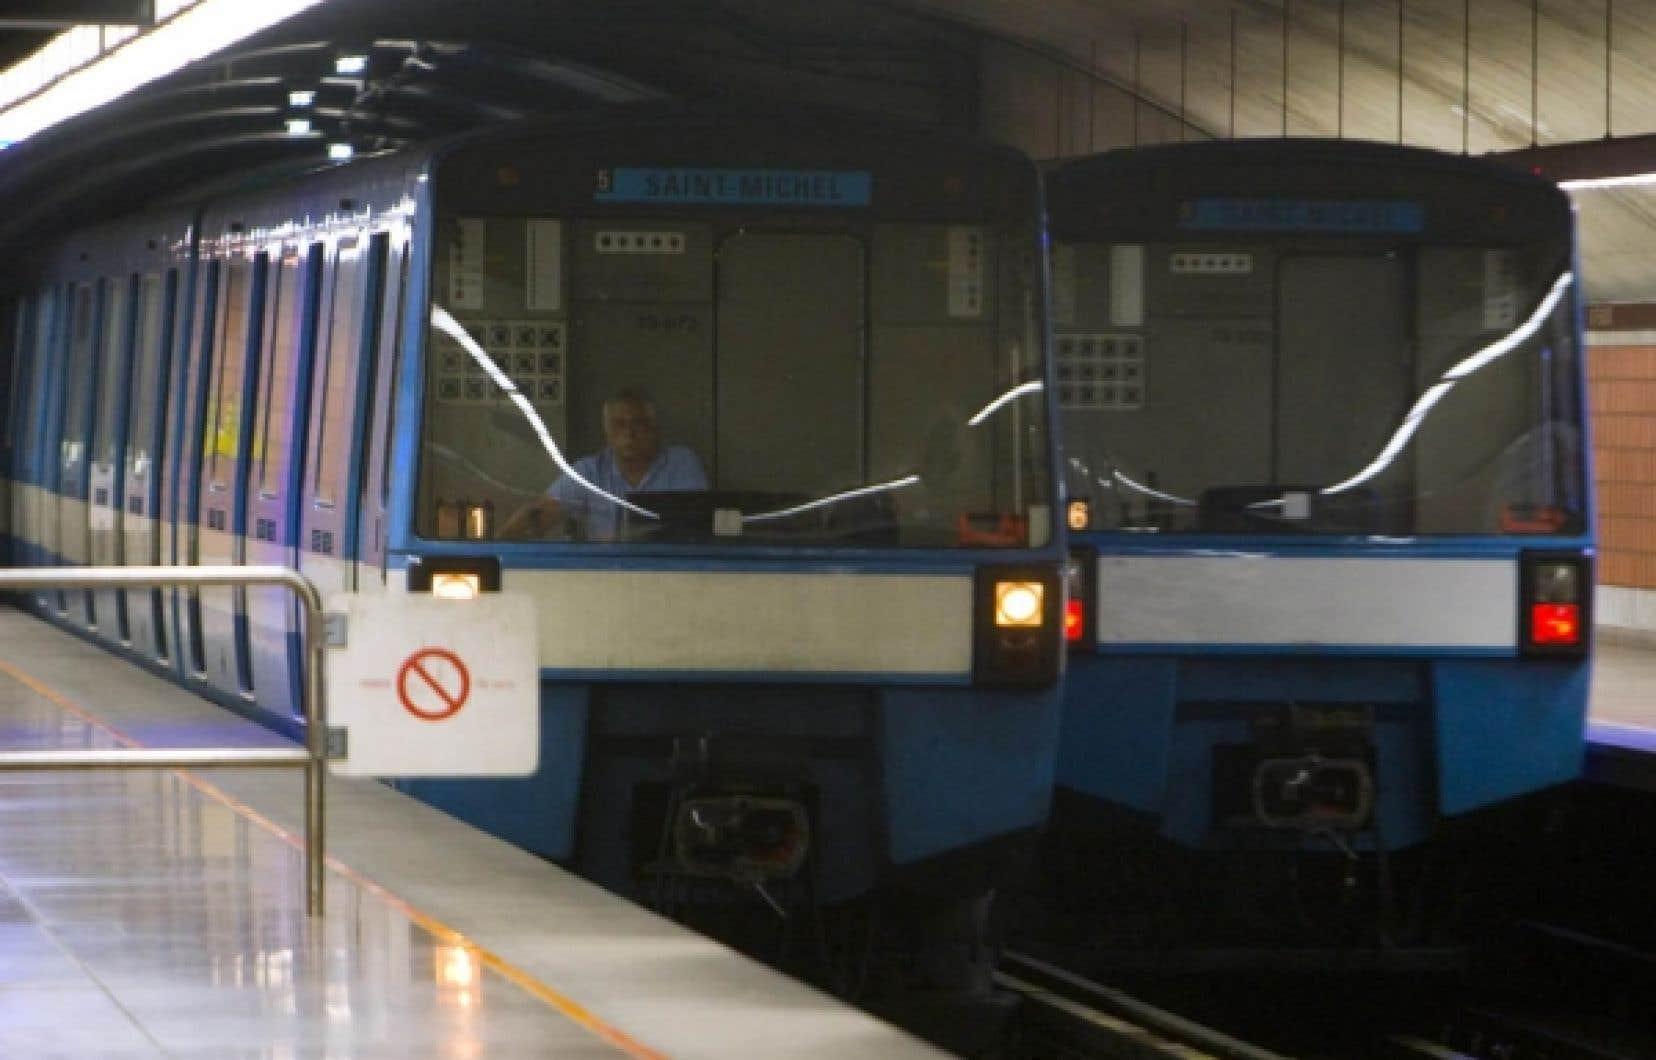 Selon l'évaluation comparative de 26 métros du monde réalisée par le Collège impérial de Londres, le métro de Montréal se classe au premier rang au chapitre de la productivité.<br />